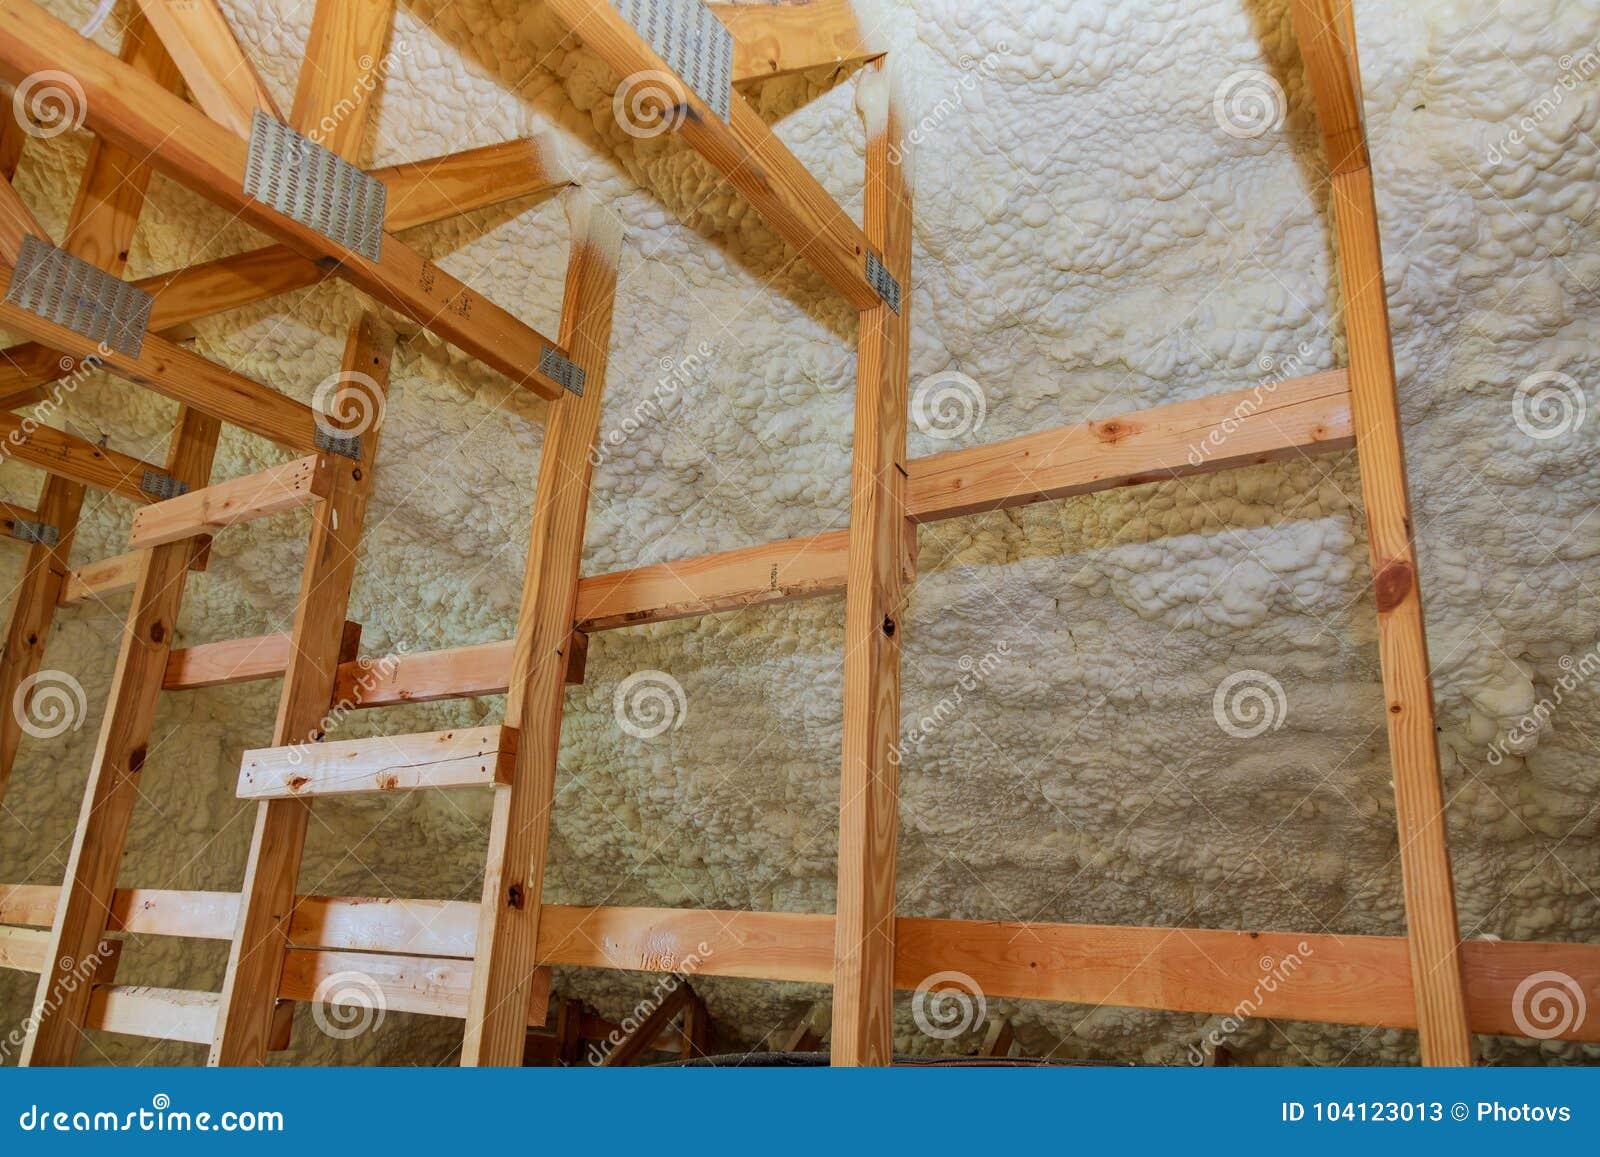 Precio aislamiento termico paredes beautiful precios aislamiento celulosa insuflada with precio - Aislamiento termico paredes precio ...